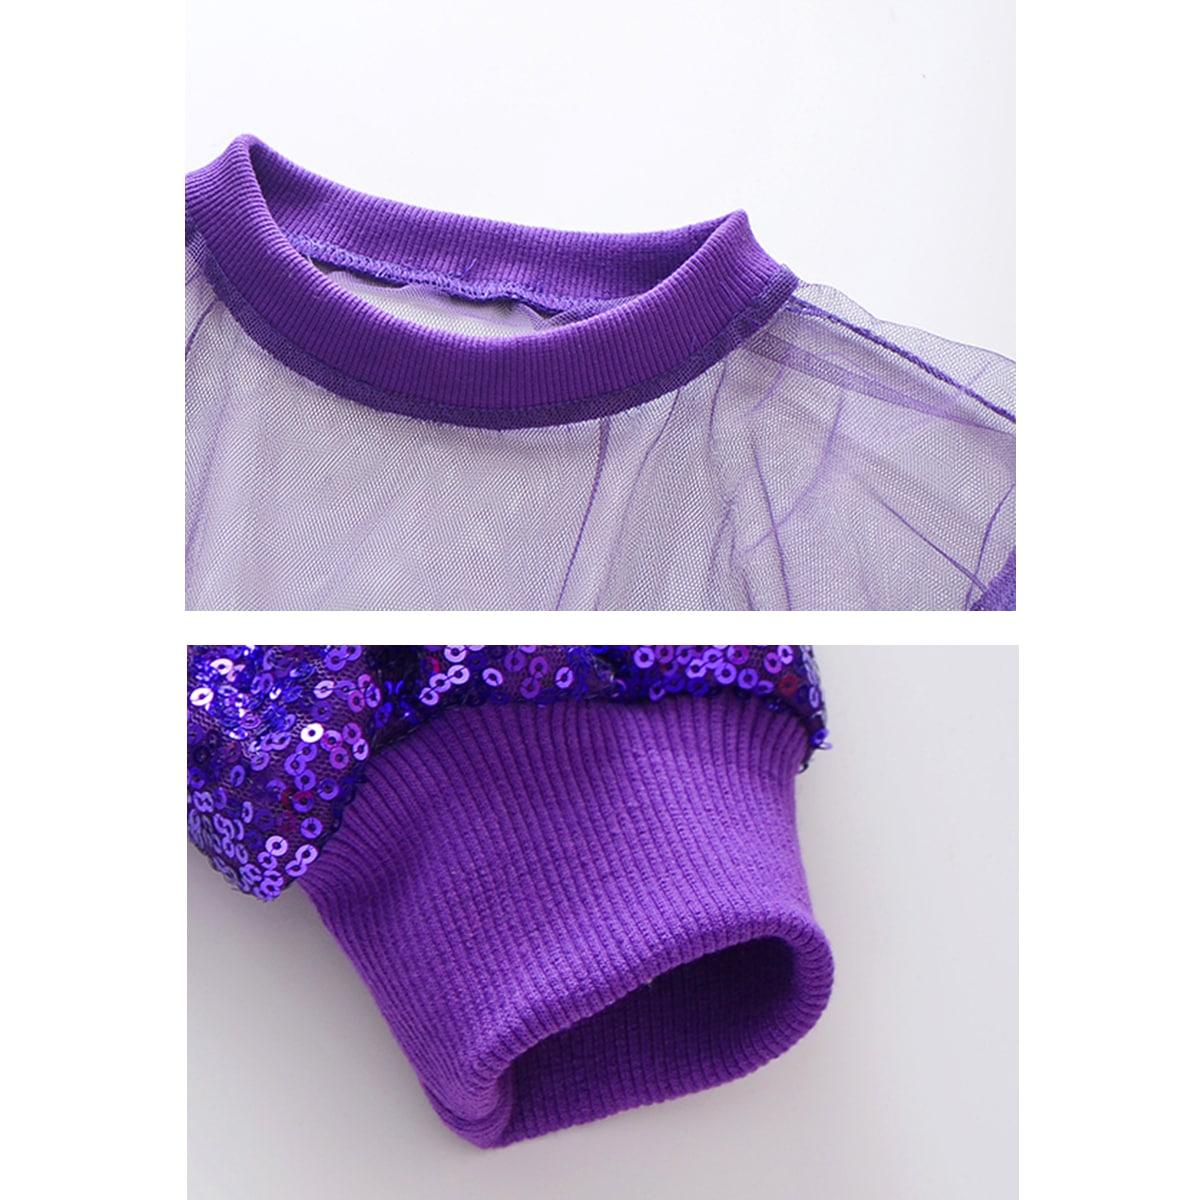 キッズダンス衣装のキラキラスパンコールセットアップ(紫×シルバー) トップス